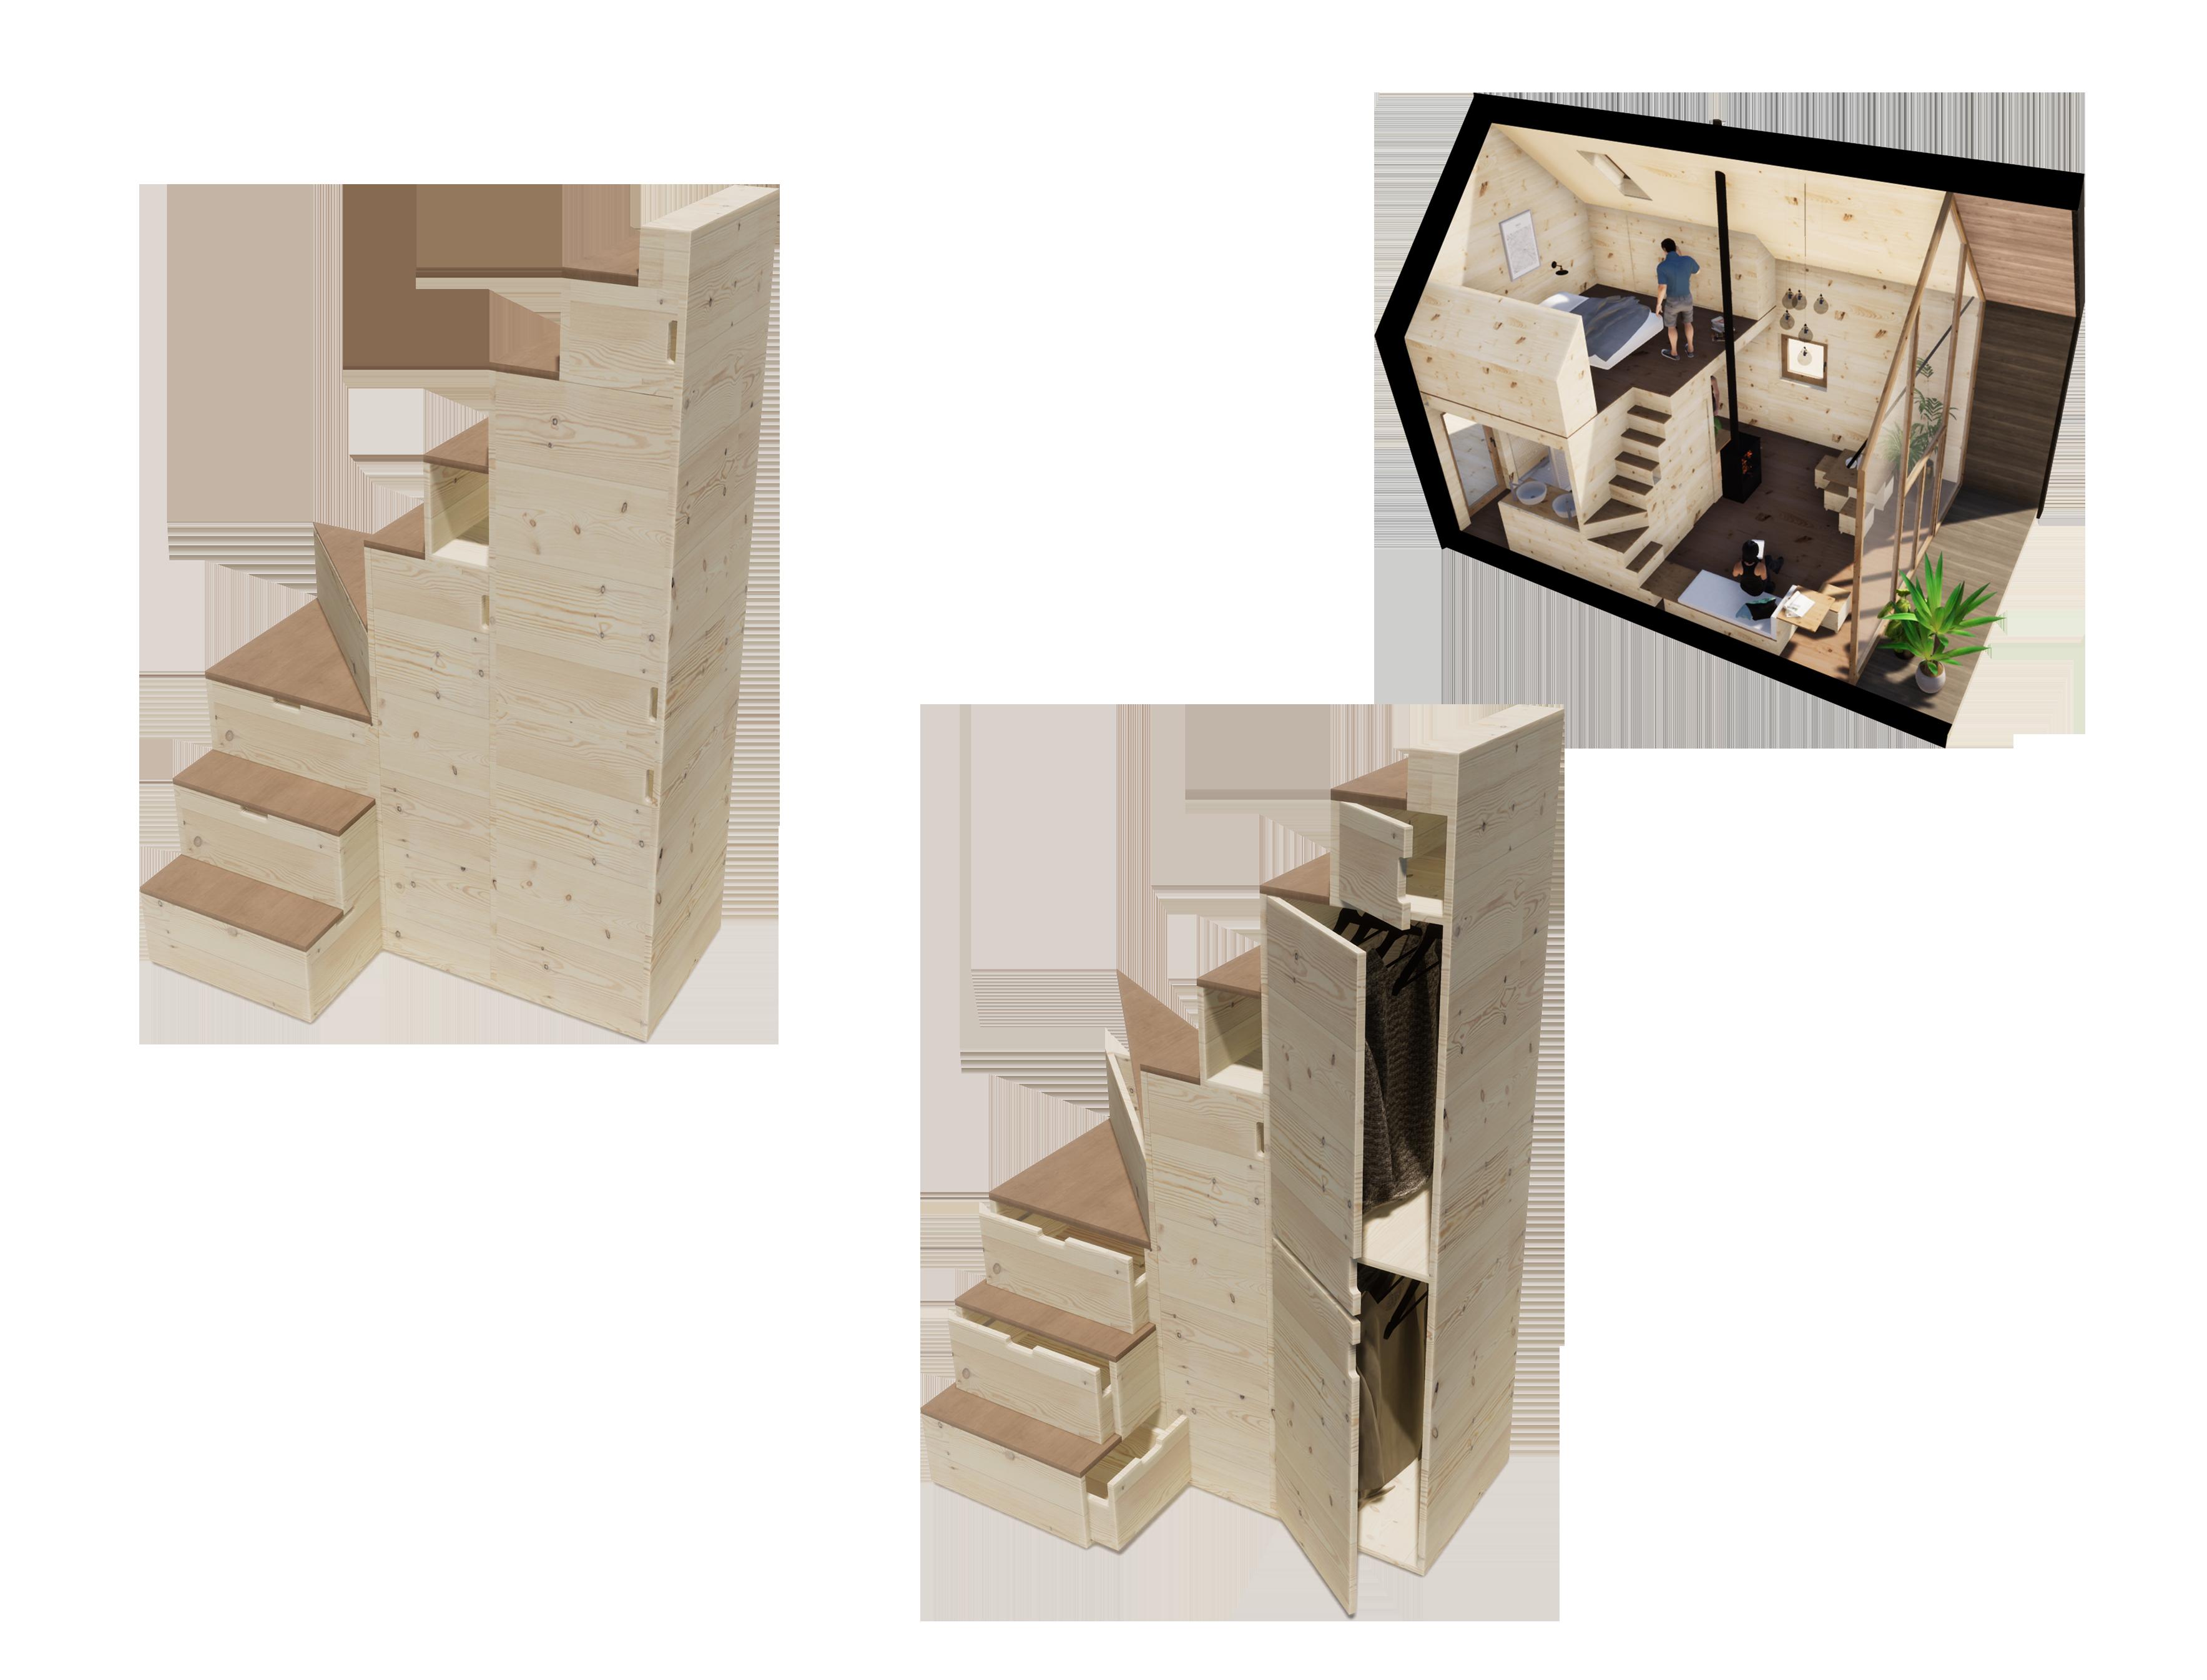 escalier D'johr ÜTE